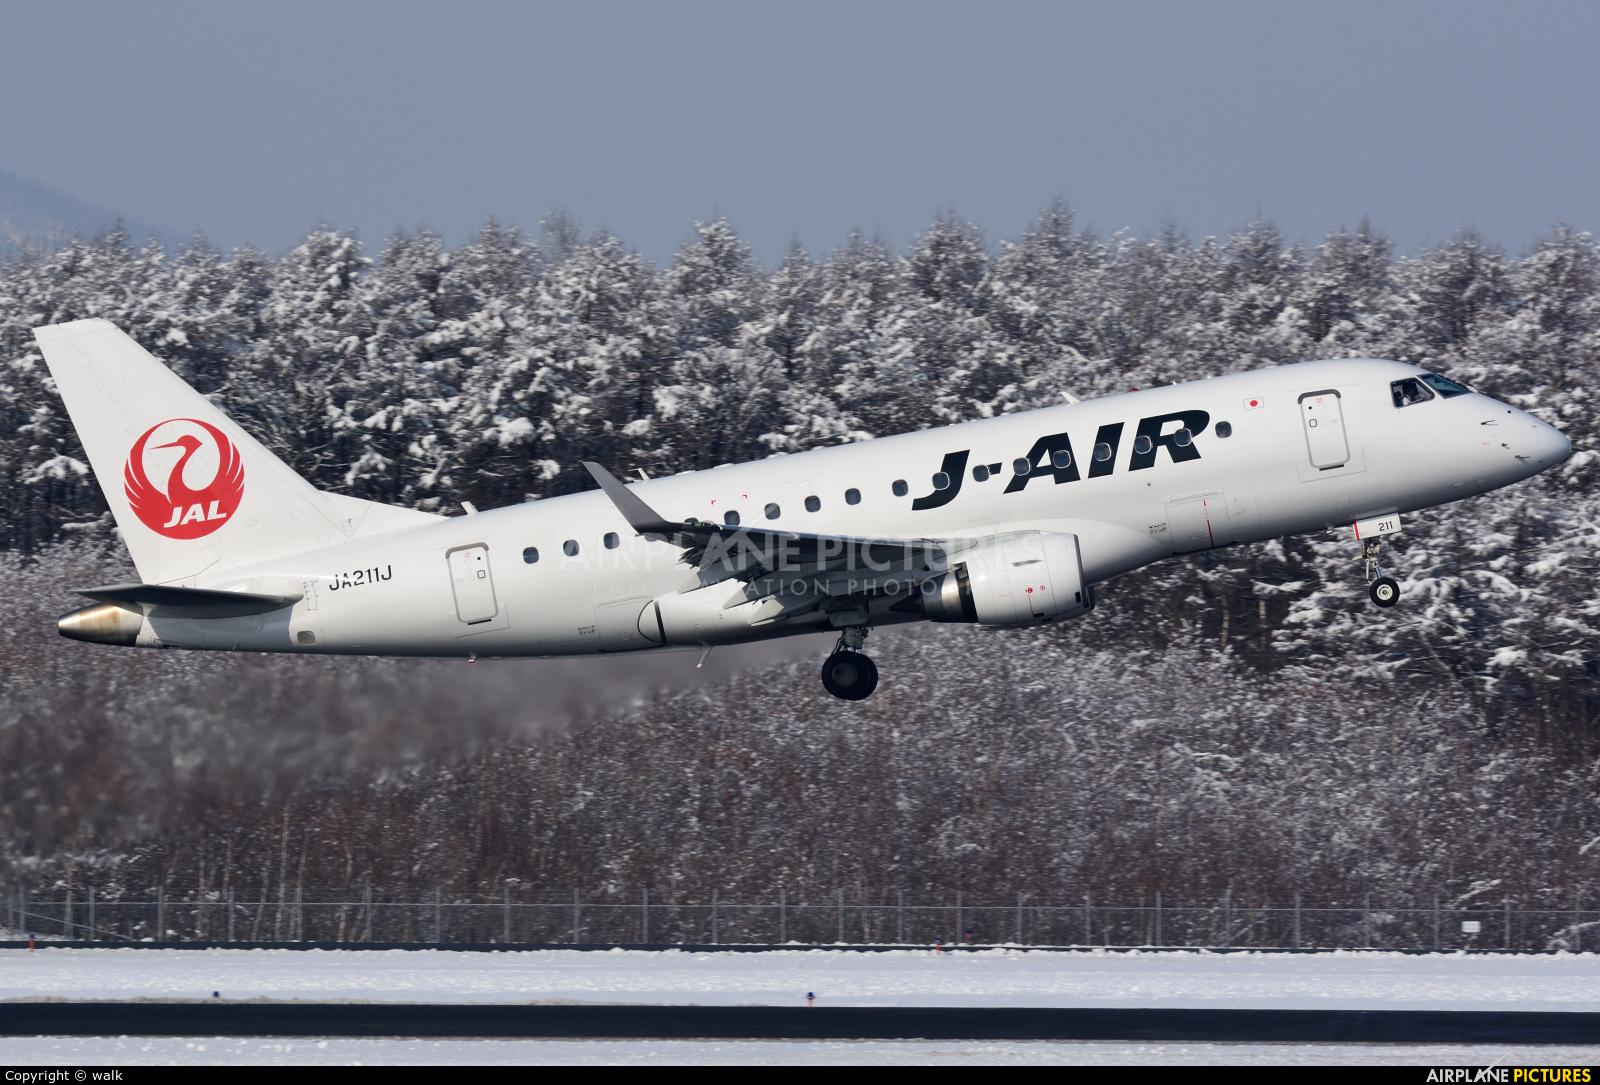 J-Air JA211J aircraft at New Chitose